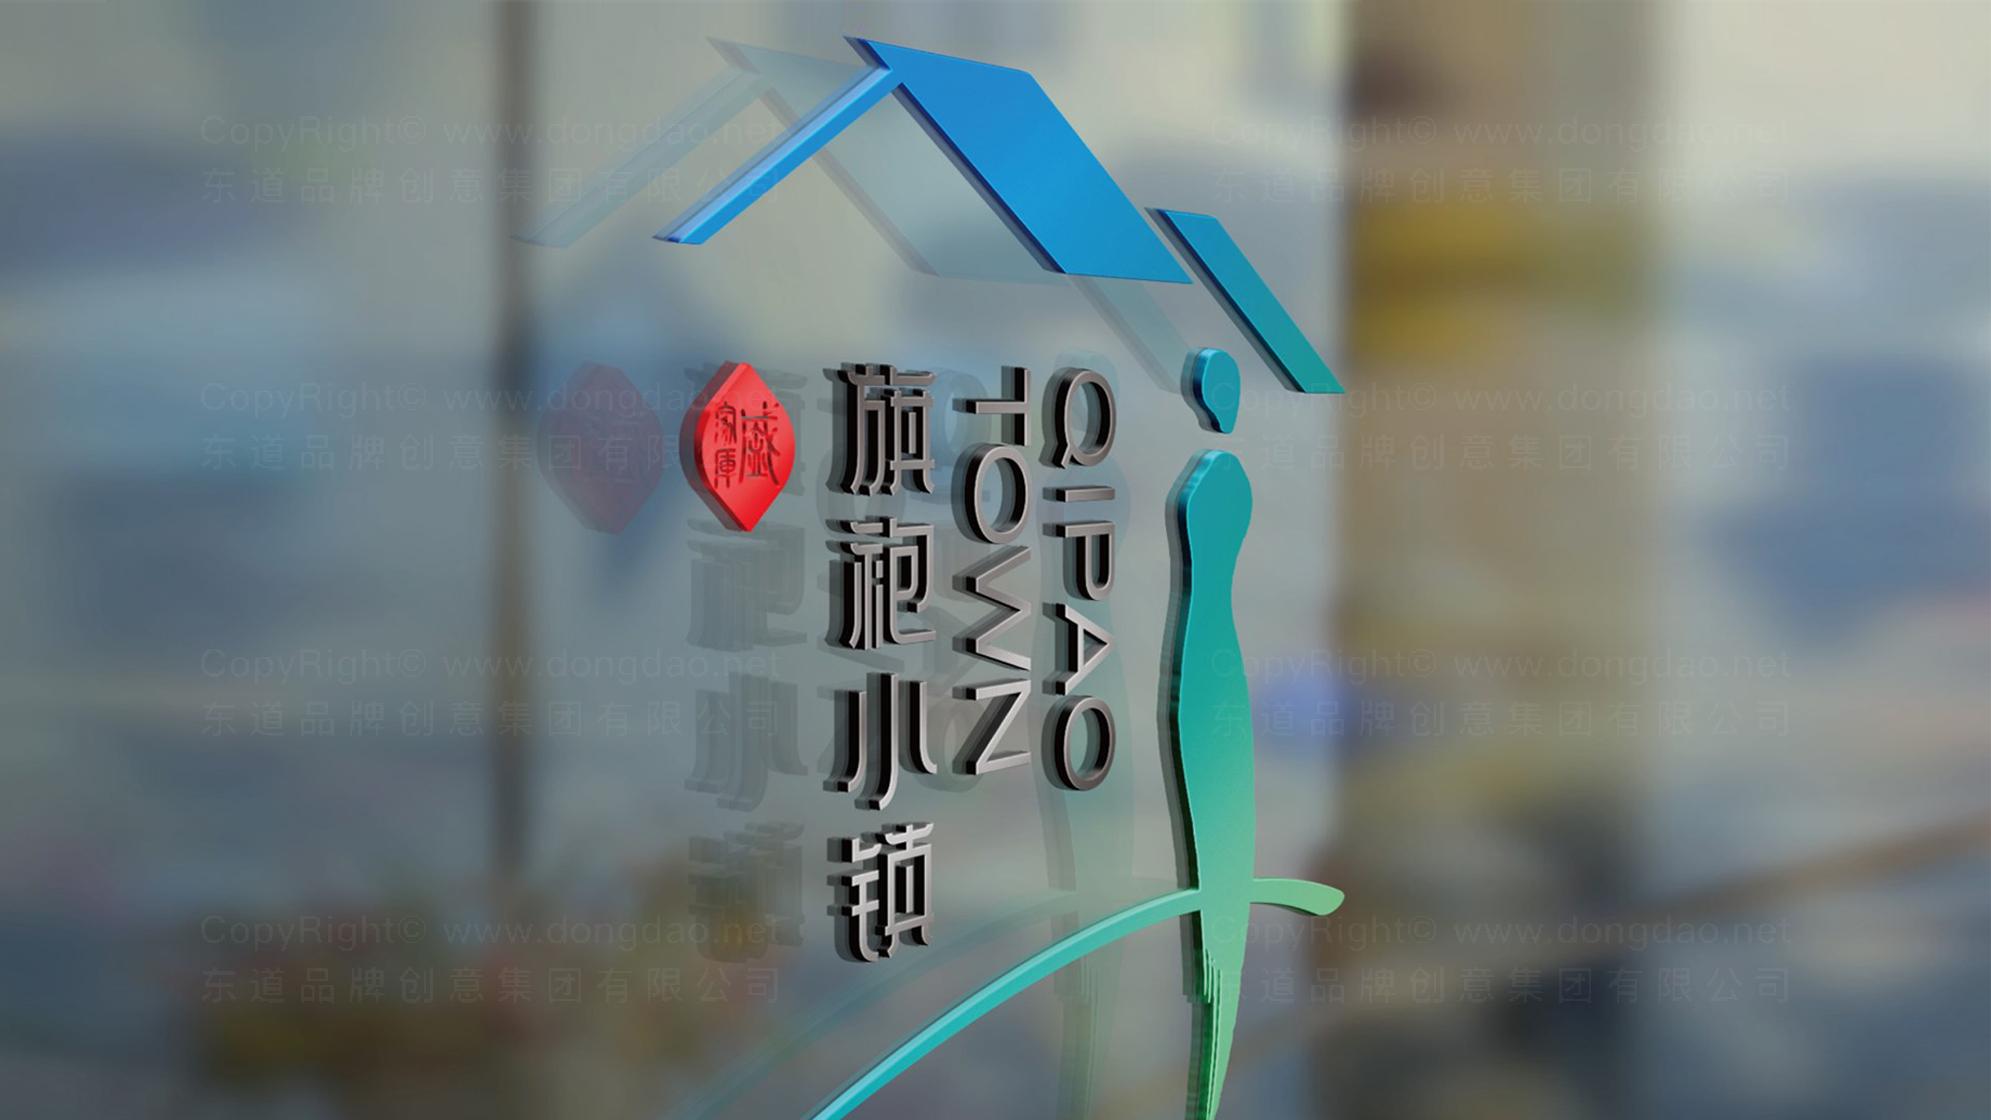 旗袍小镇logo设计、vi设计